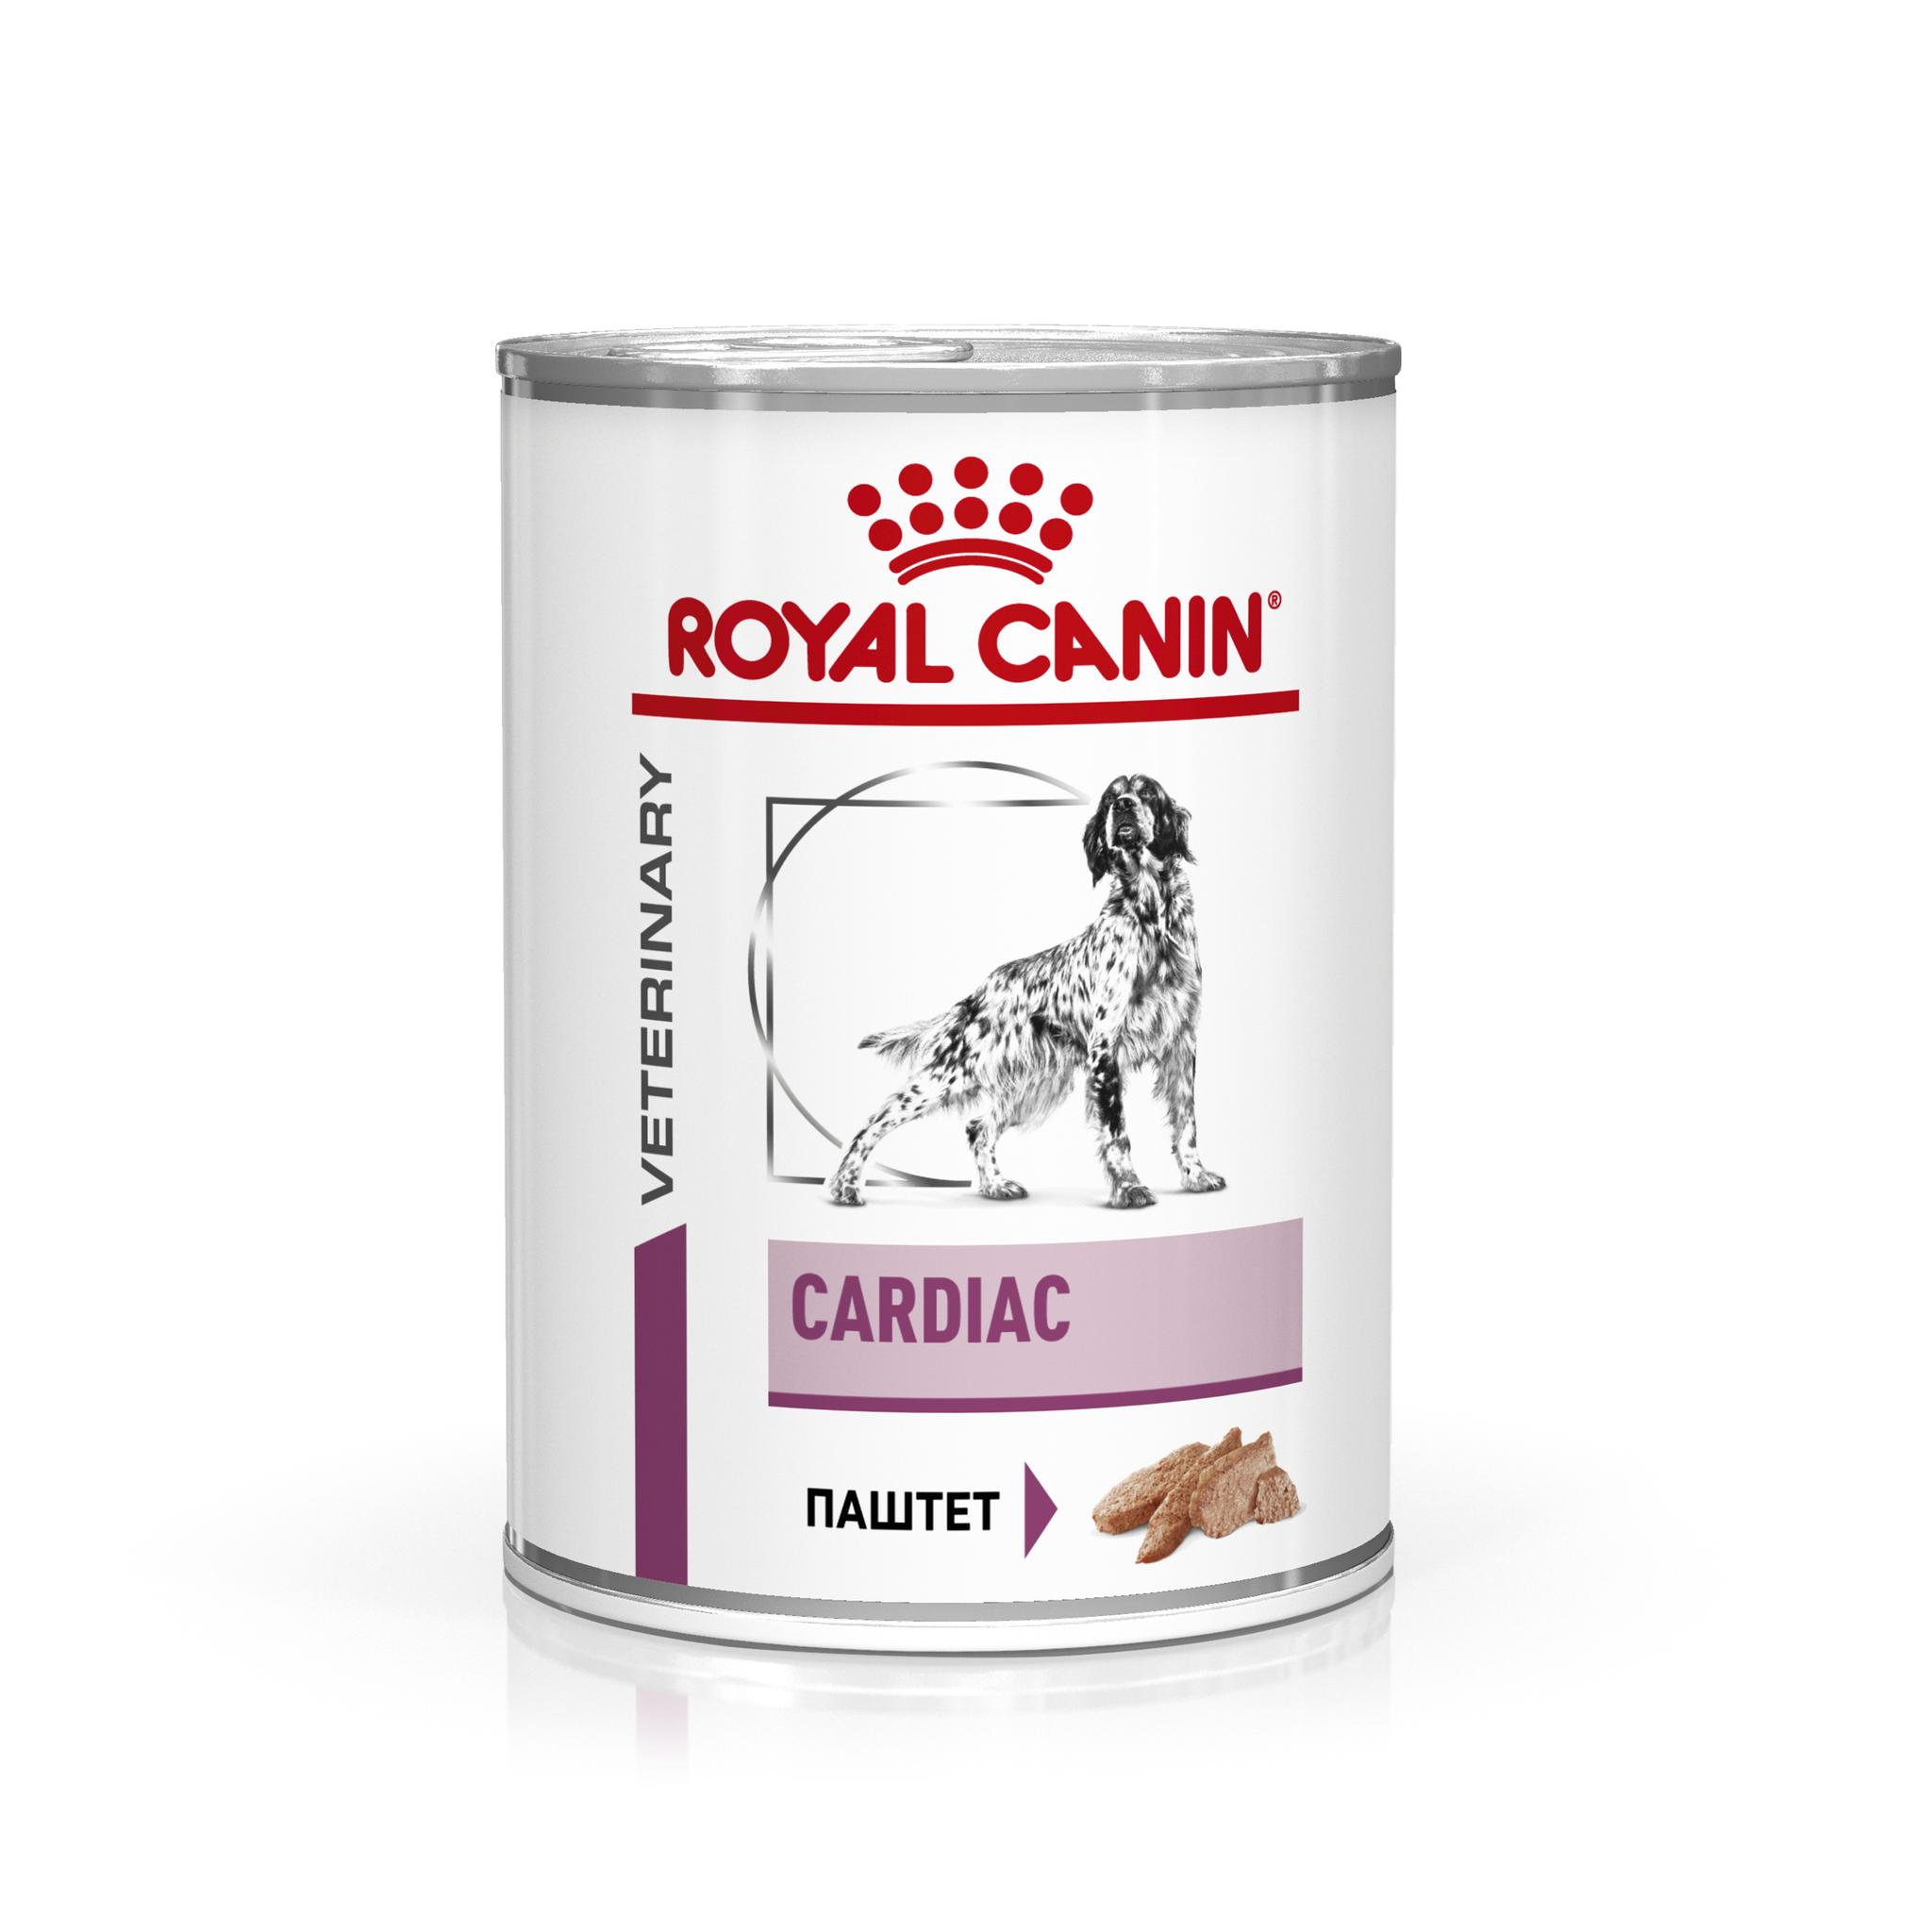 Влажные корма Консервы для собак, Royal Canin Cardiac, с заболеваниями сердца 9003579309407_1.jpg